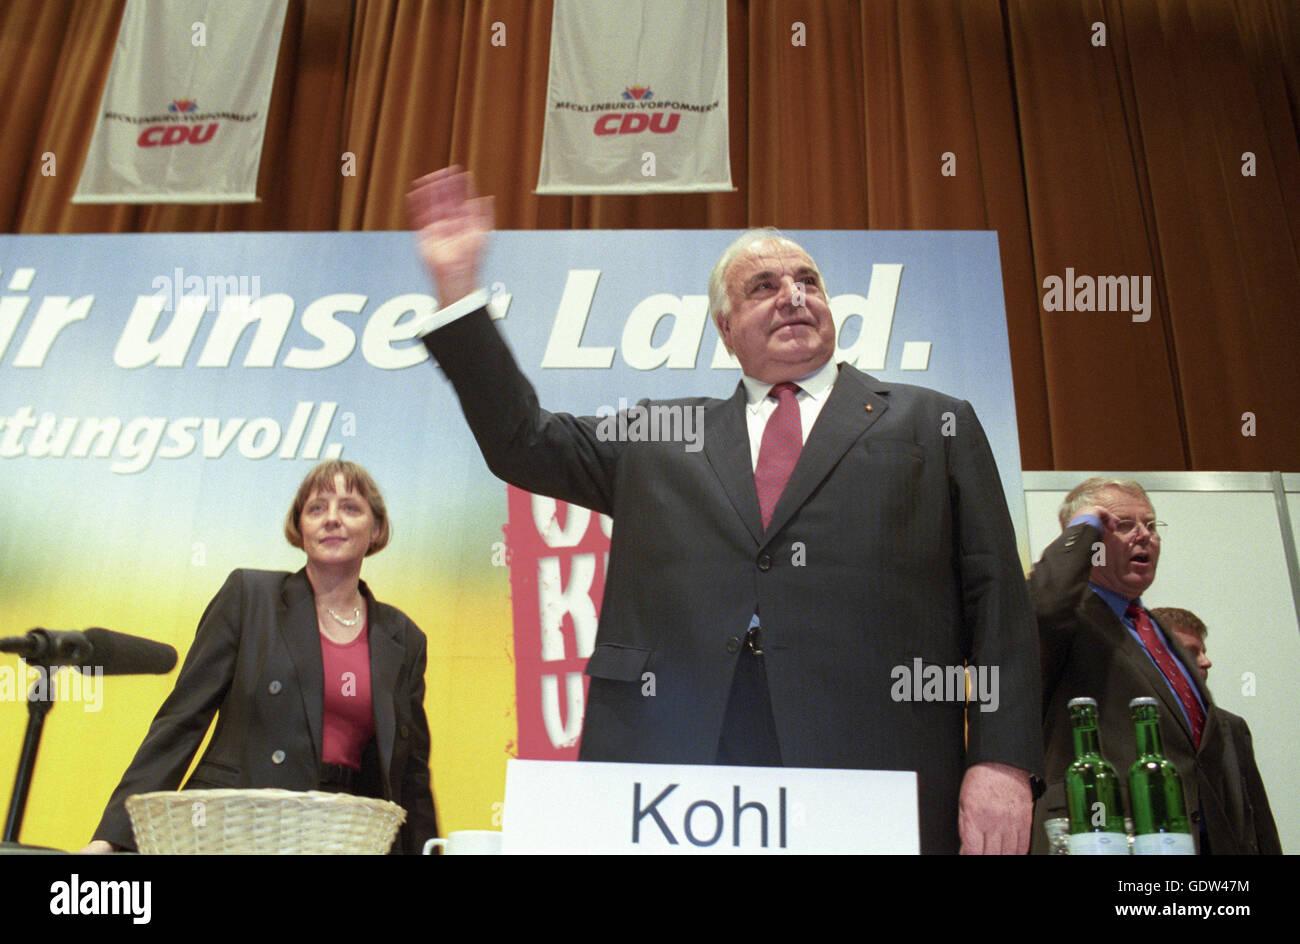 Kohl and Merkel Stock Photo